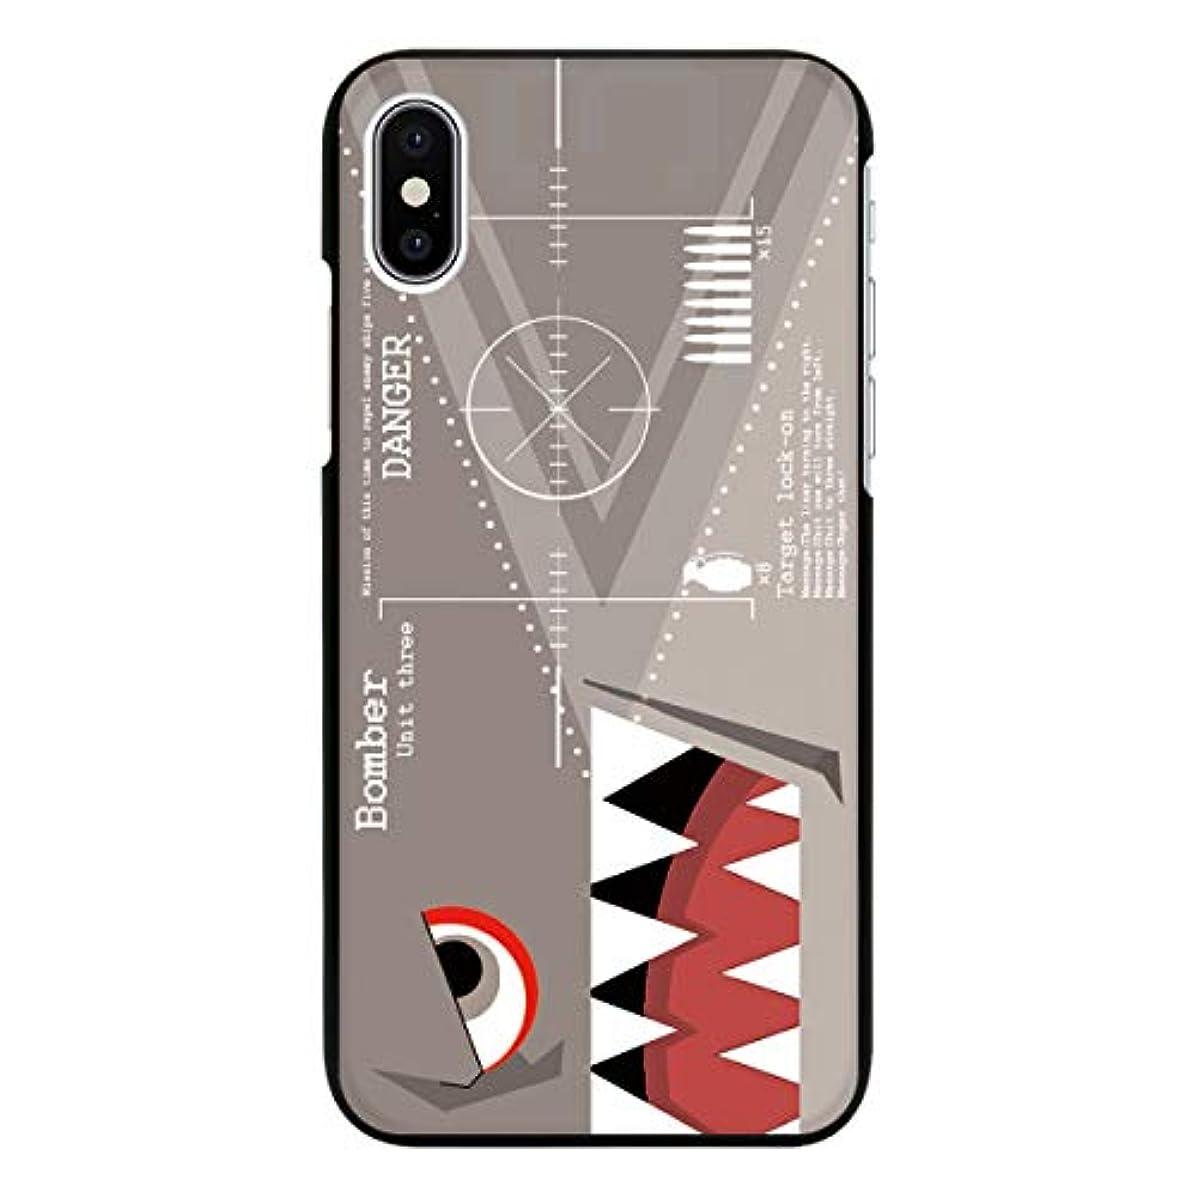 情緒的遺体安置所咳AQUOS R 605SH ブラック ケース 薄型 スマホケース スマホカバー sc337(G) 鮫 さめ サメ シャーク アクオスフォン アクオスホン スマートフォン スマートホン 携帯 ケース アクオス アクオスR ハード プラ ポリカボネイト スマフォ カバー